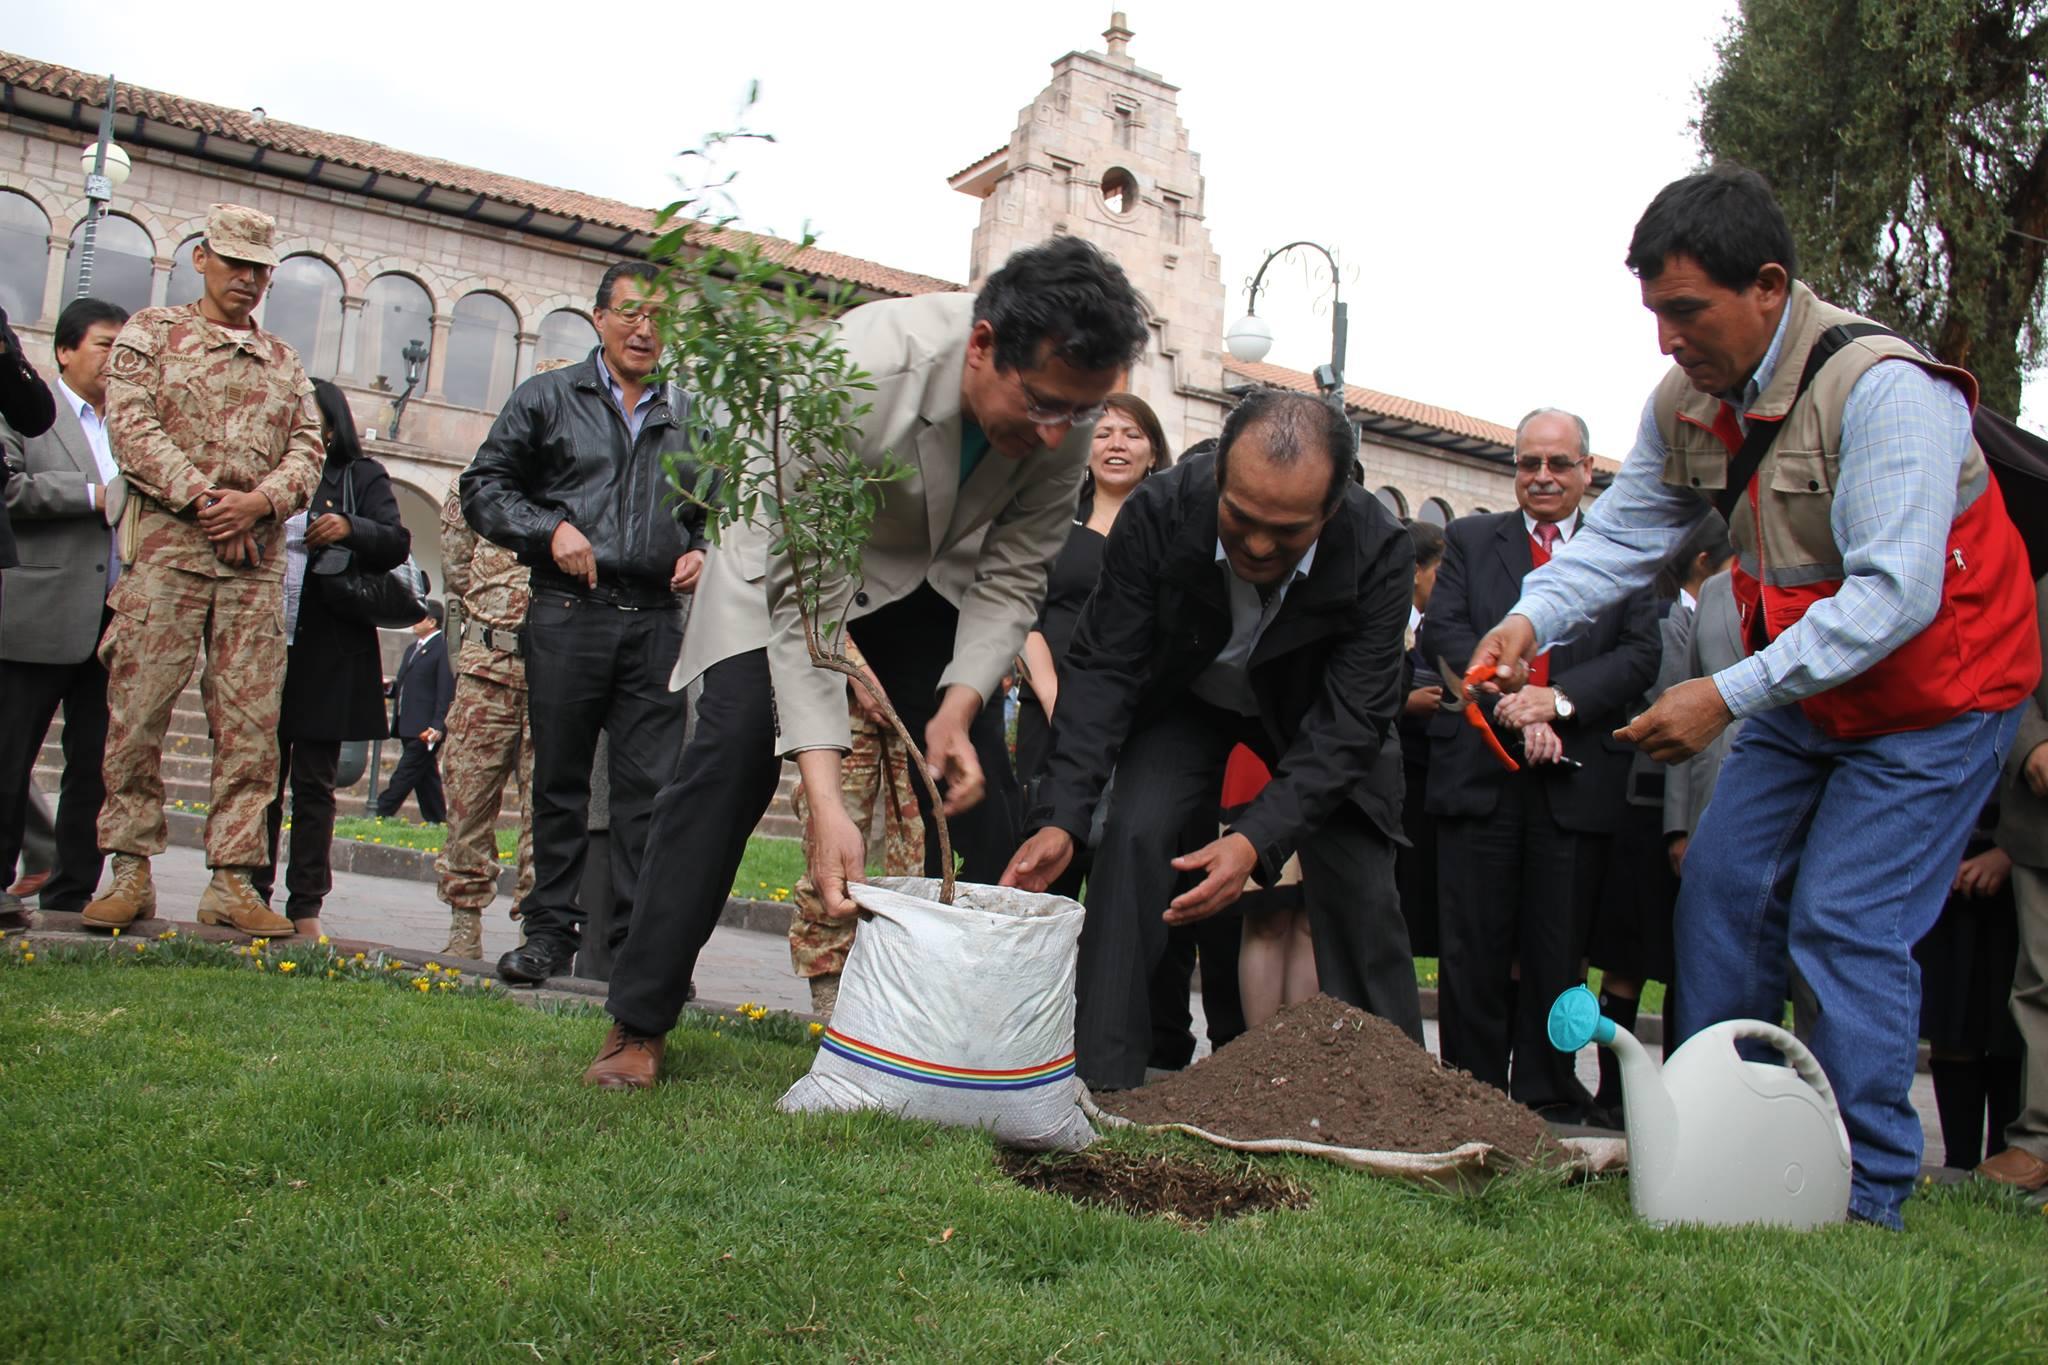 GOBIERNO MUNICIPAL DEL CUSCO INICIA CAMPAÑA DE FORESTACIÓN CON 30 MIL PLANTONES EN MARGEN DERECHA DE LA CIUDAD.